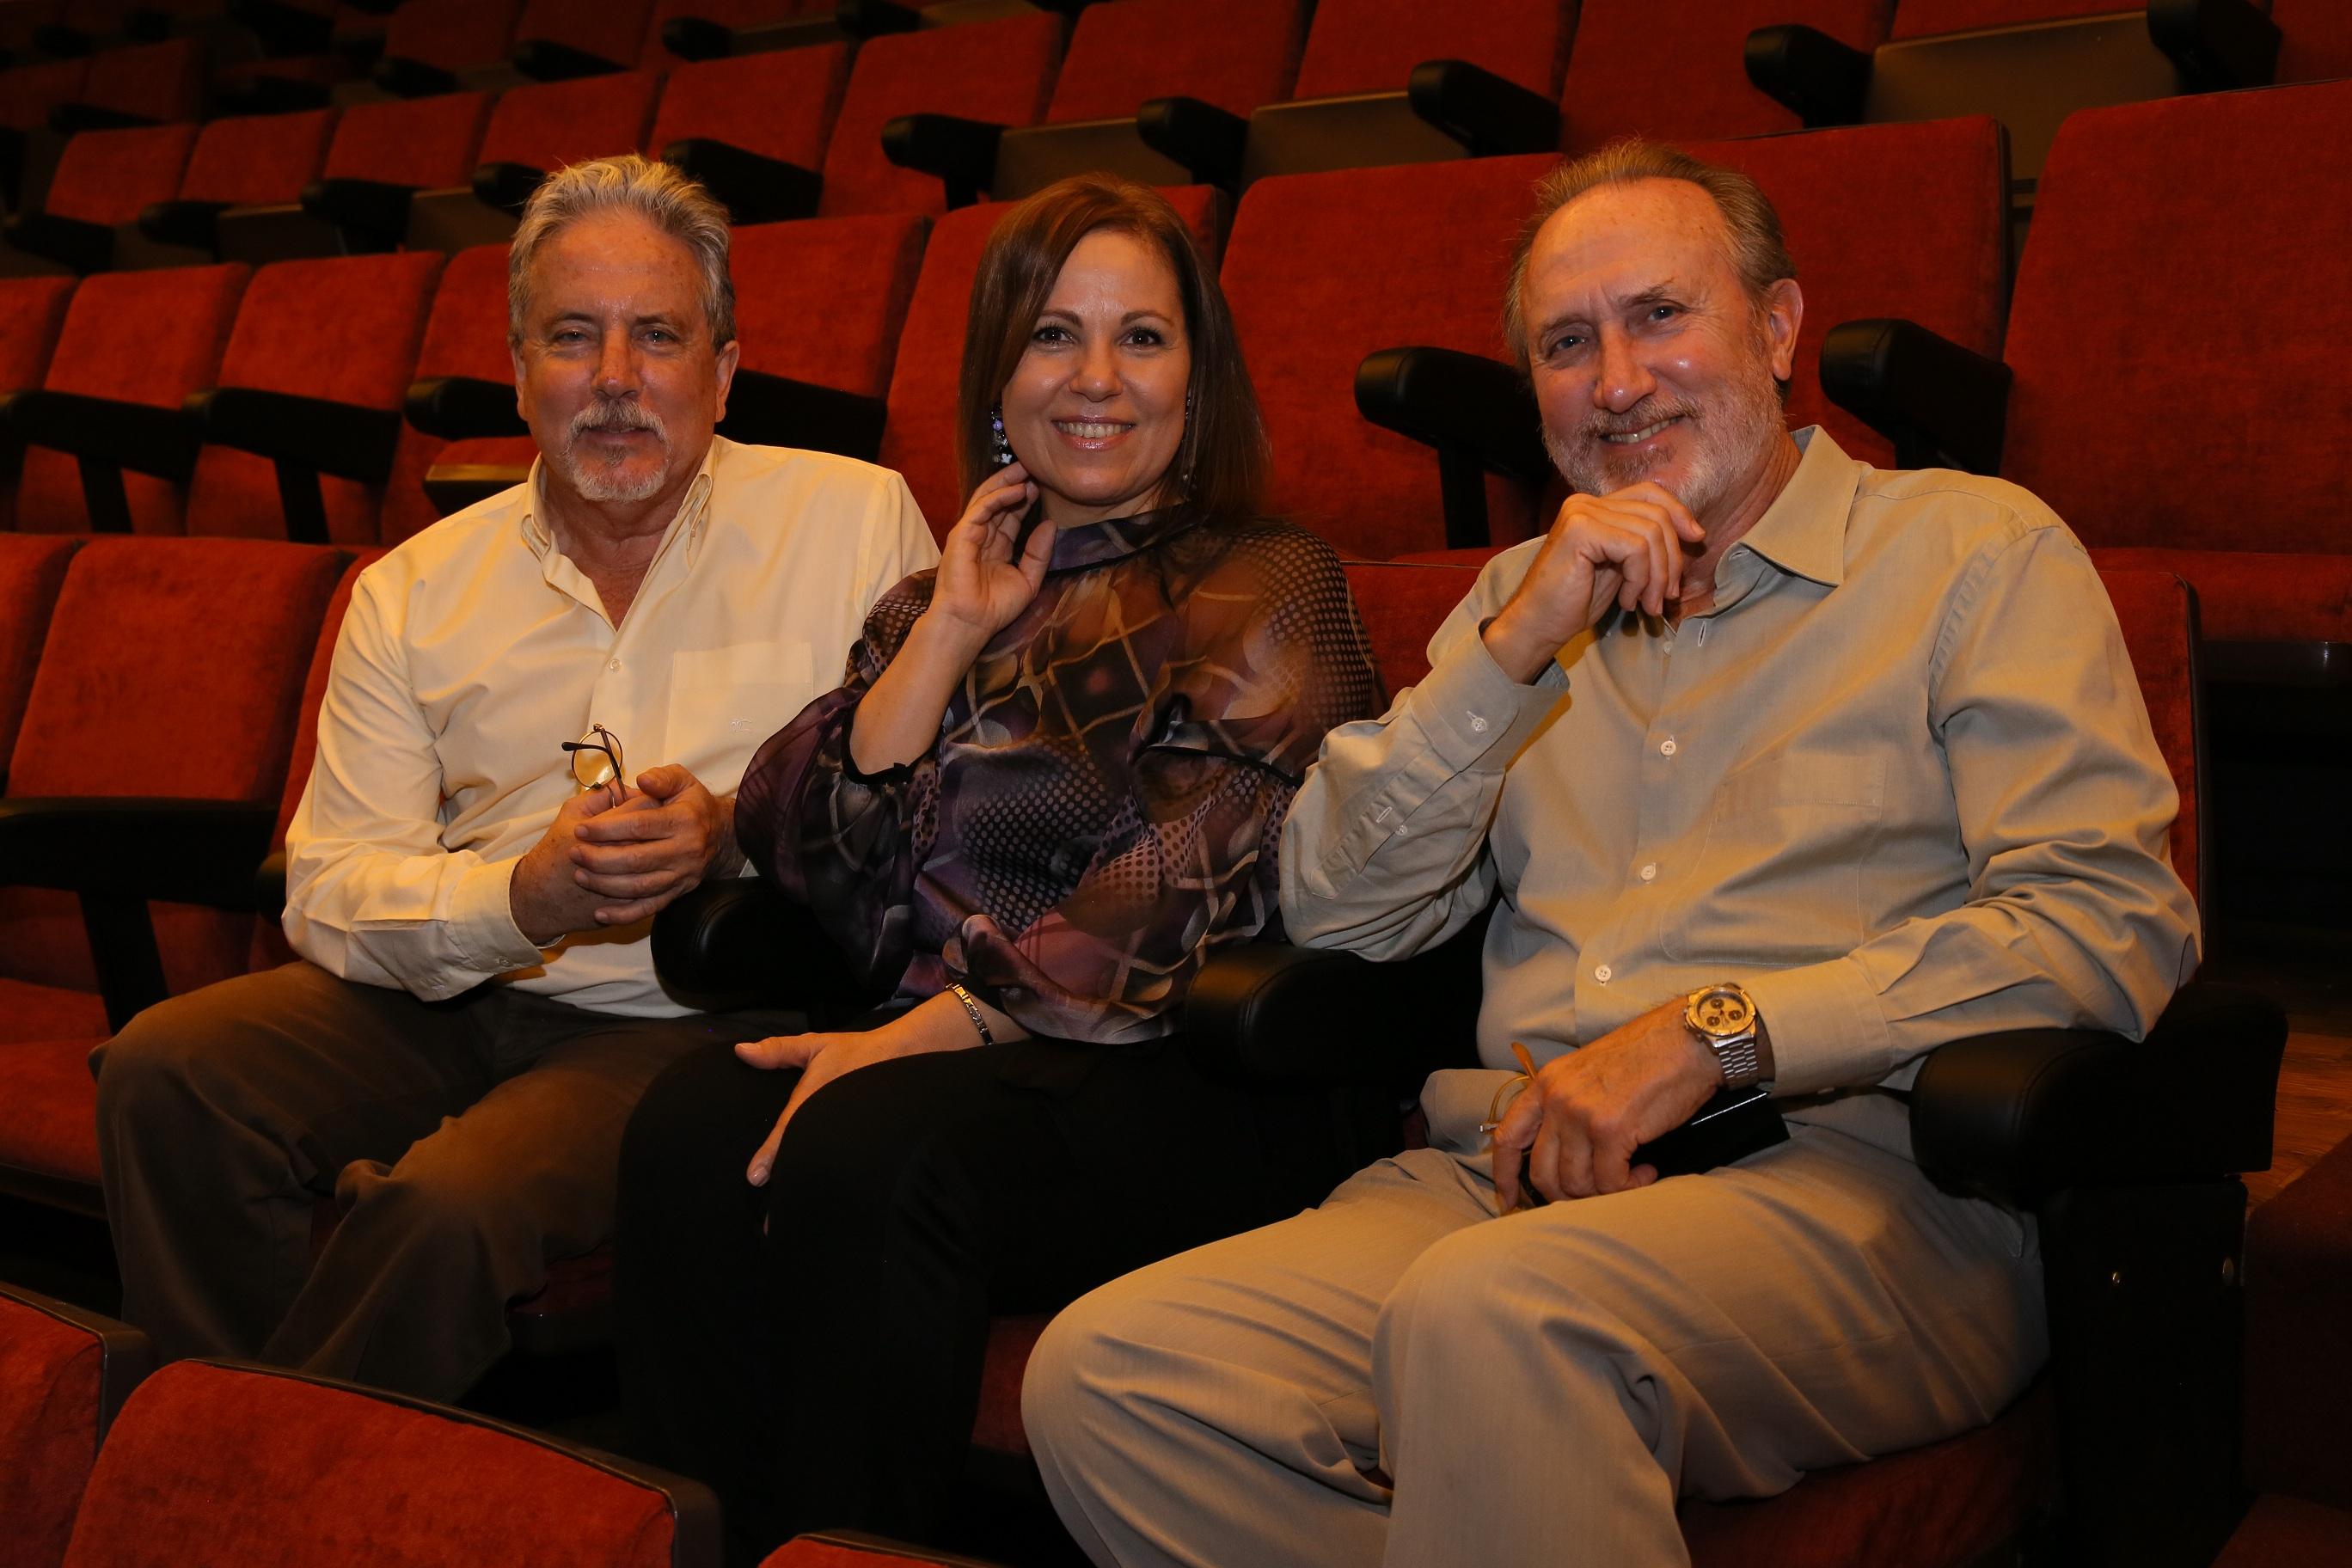 Dolores Hernández entrevistó a Teodoro y Santiago Ríos el 2 de diciembre de 2015, en el cine Víctor Foto:  Fran Santos